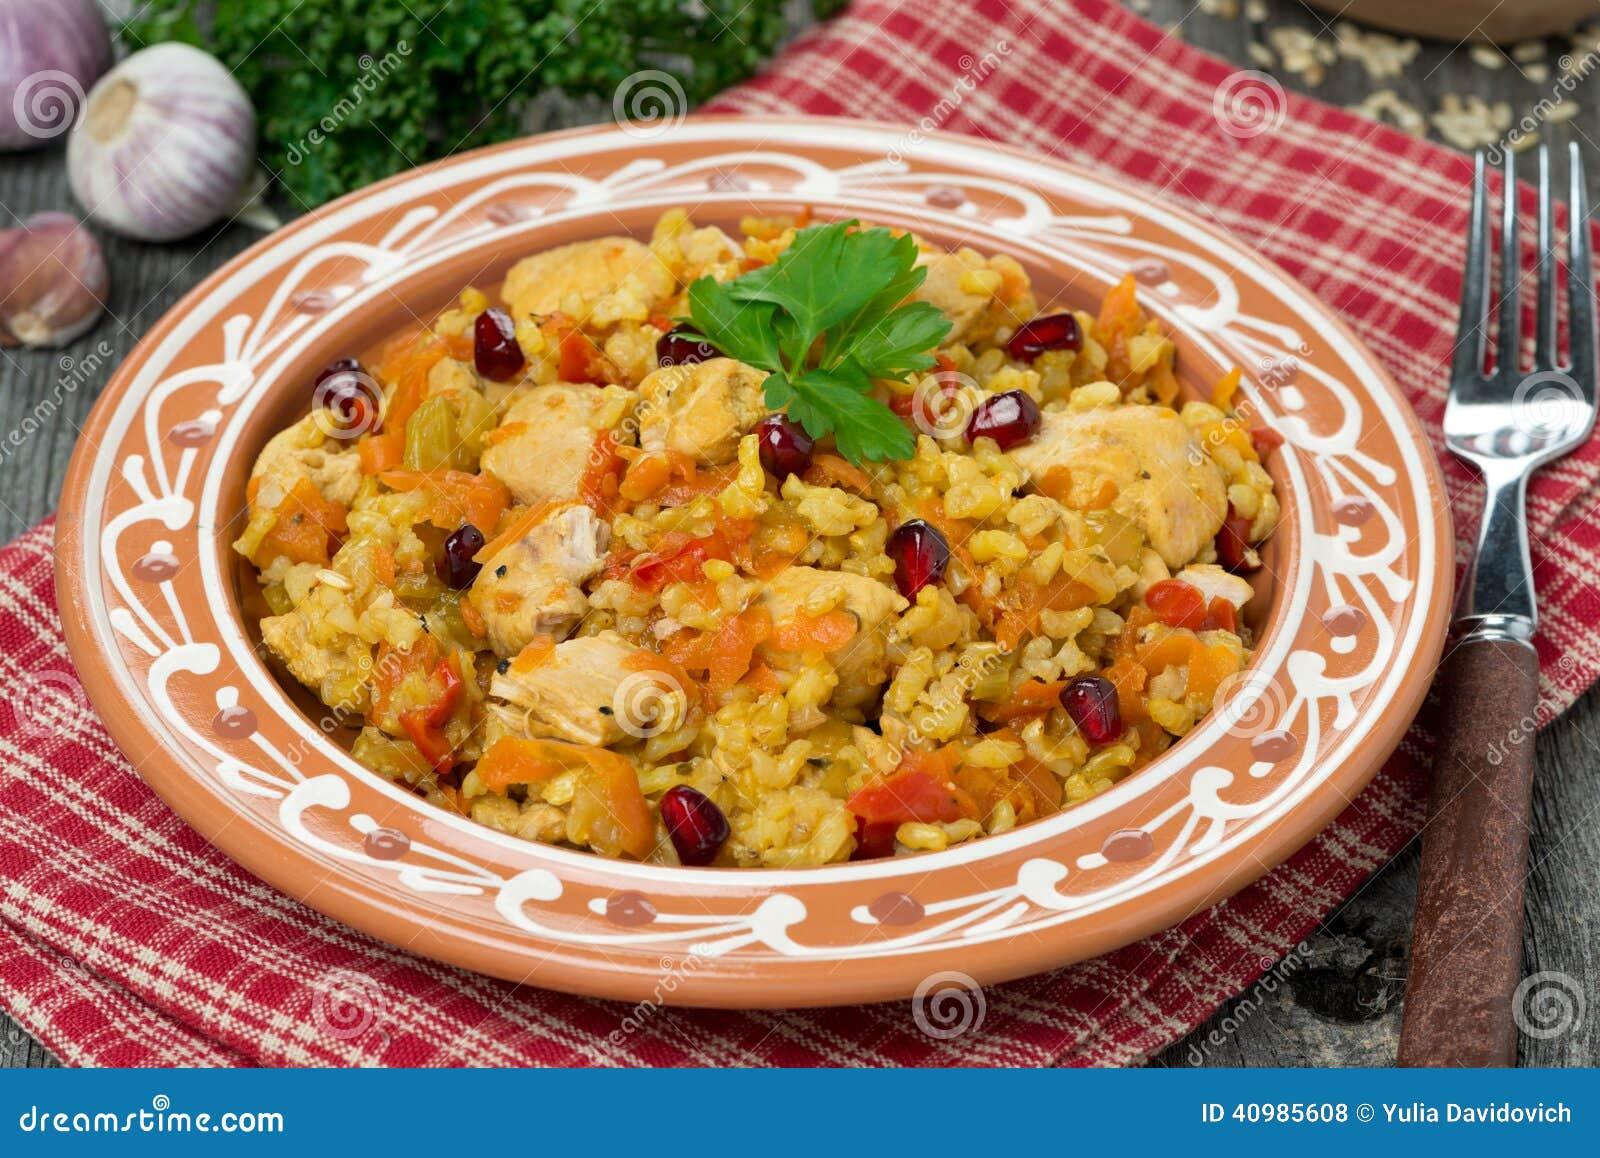 Pilaff med höna och grönsaker, närbild